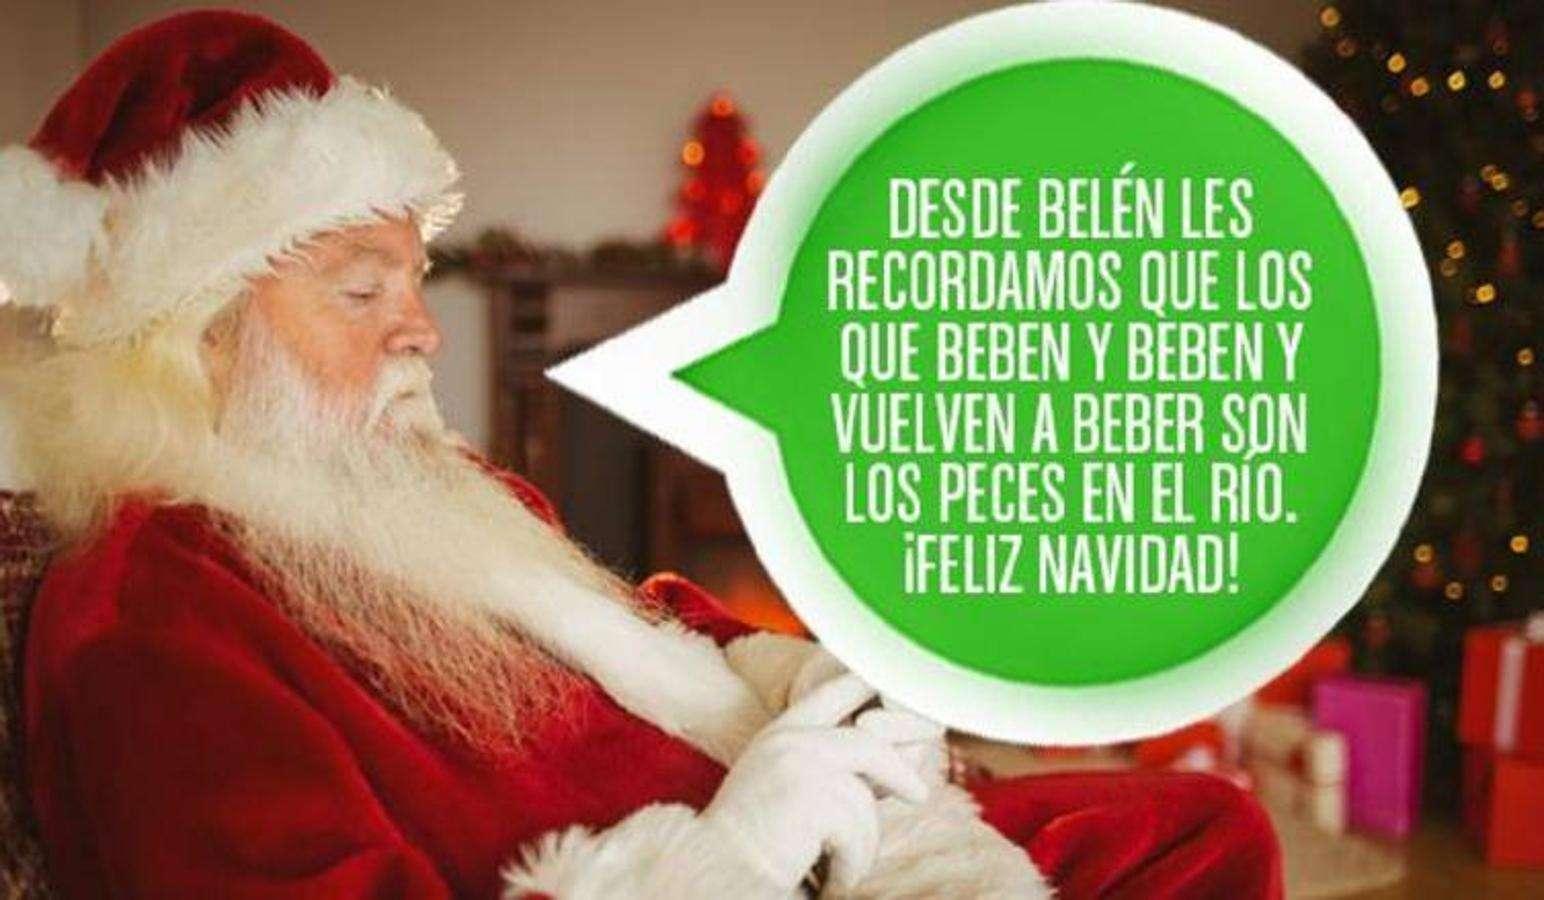 Las imágenes más graciosas para felicitar la Navidad y el Año Nuevo 19